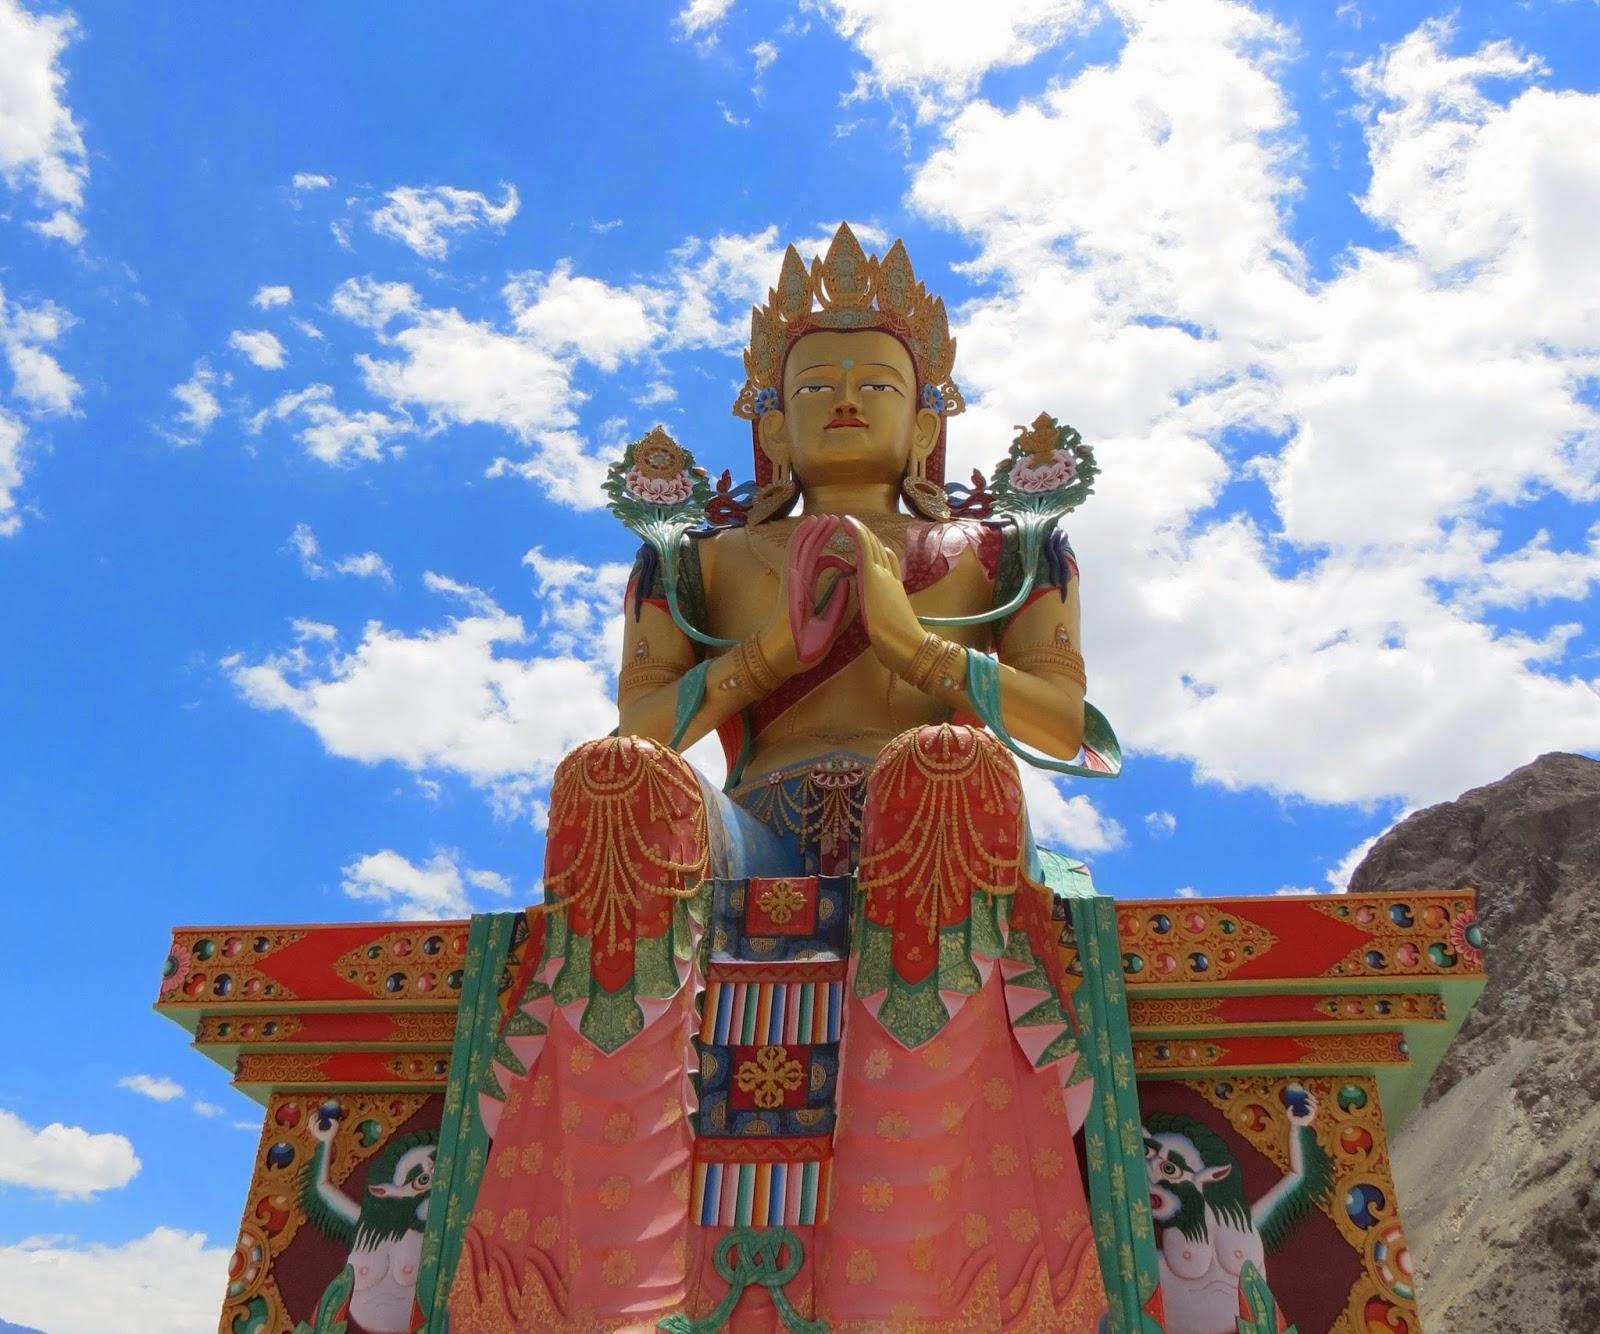 Ladakh monastery, Buddhism Ladakh